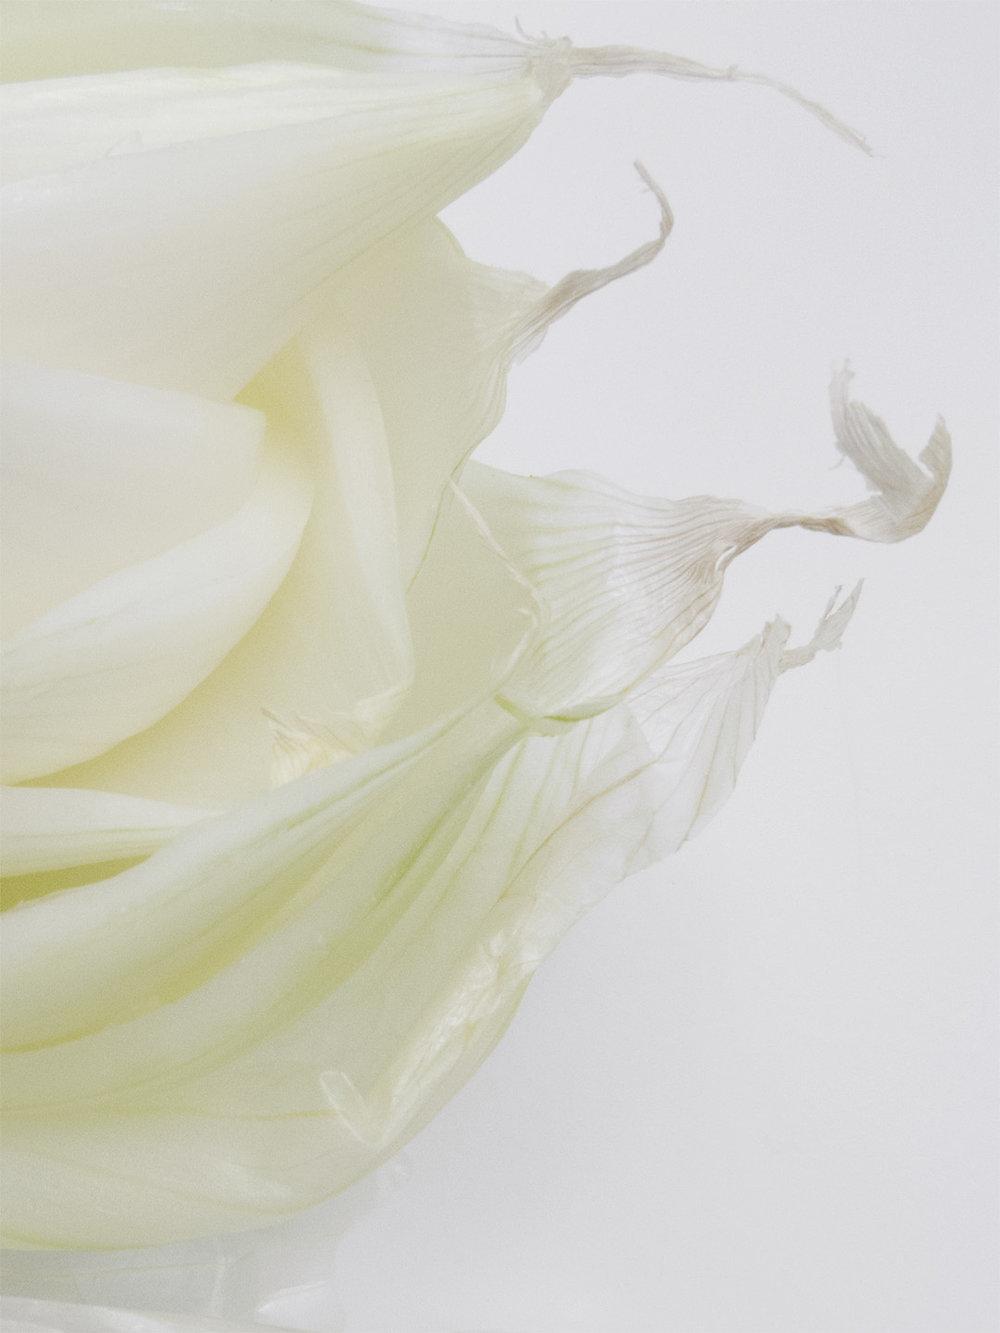 Onion_petals.jpg